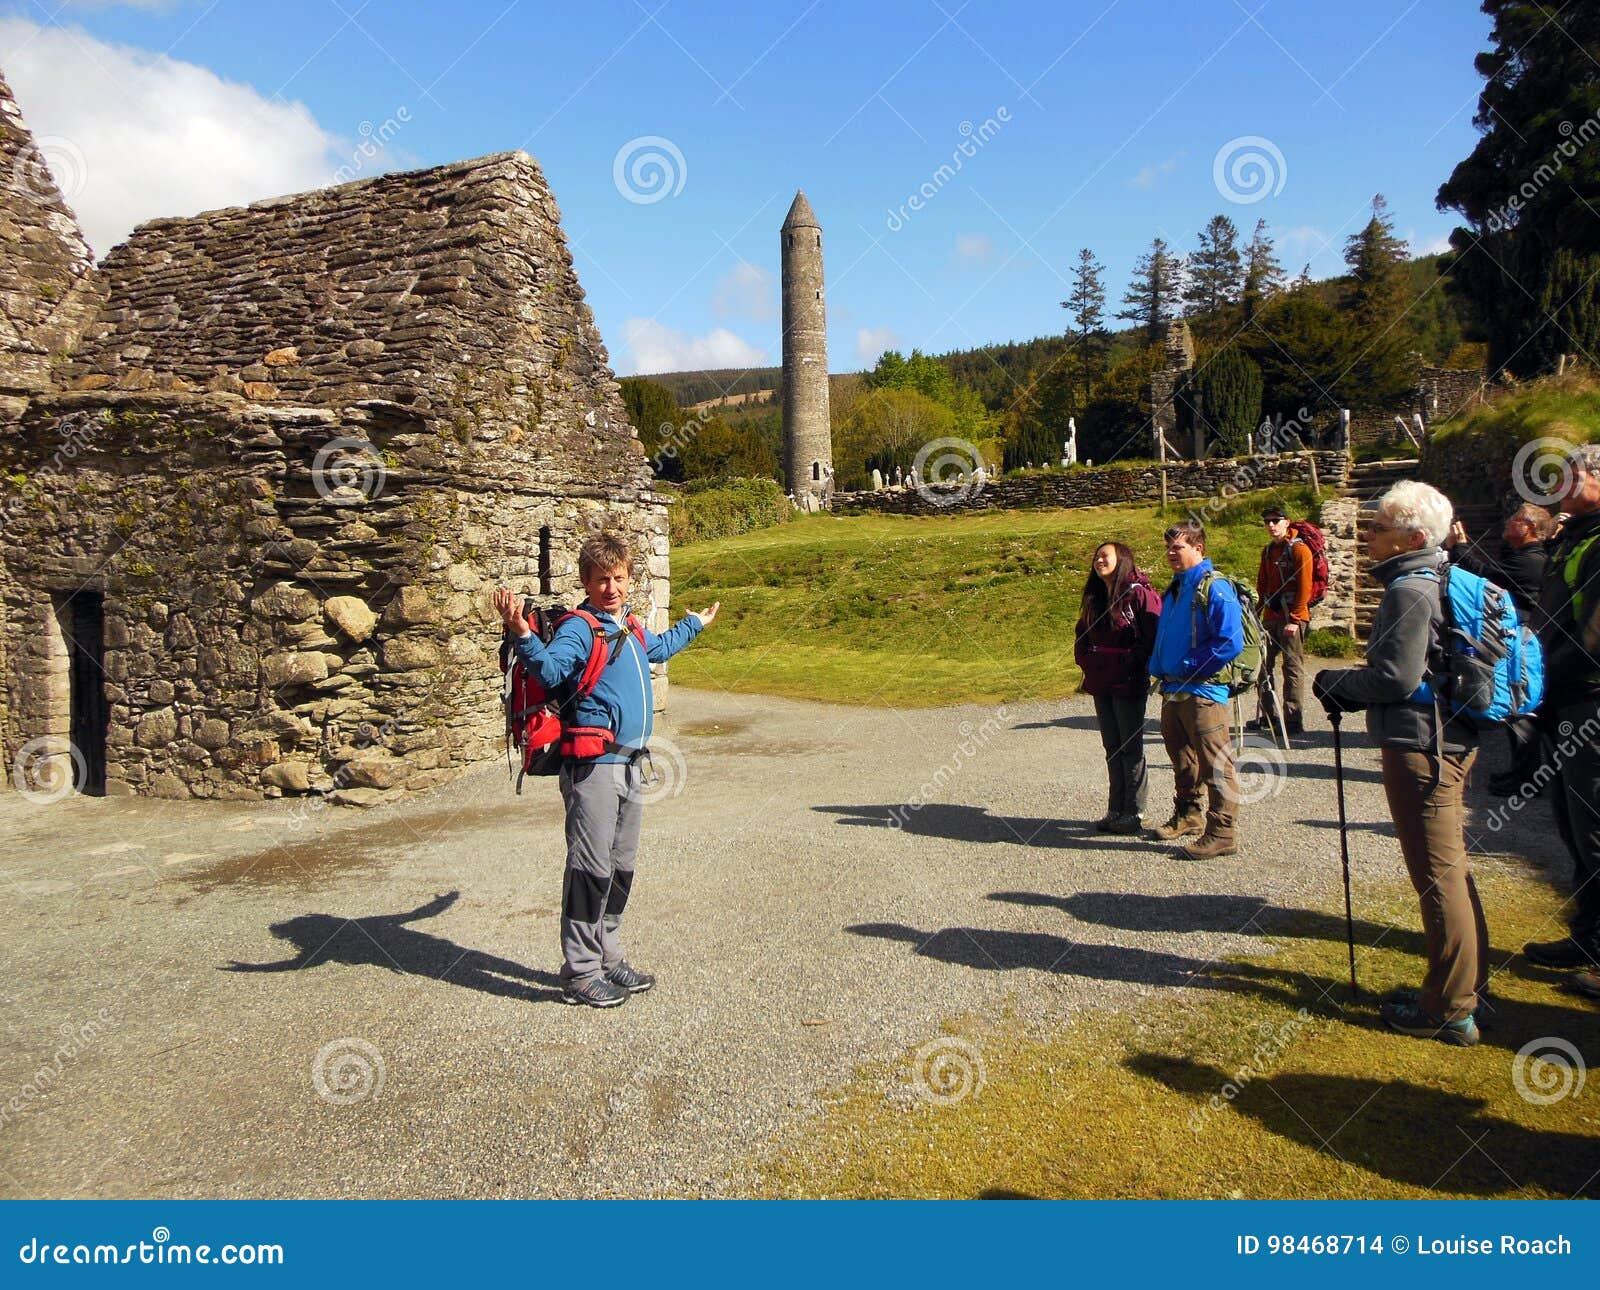 Tour Guide Ireland